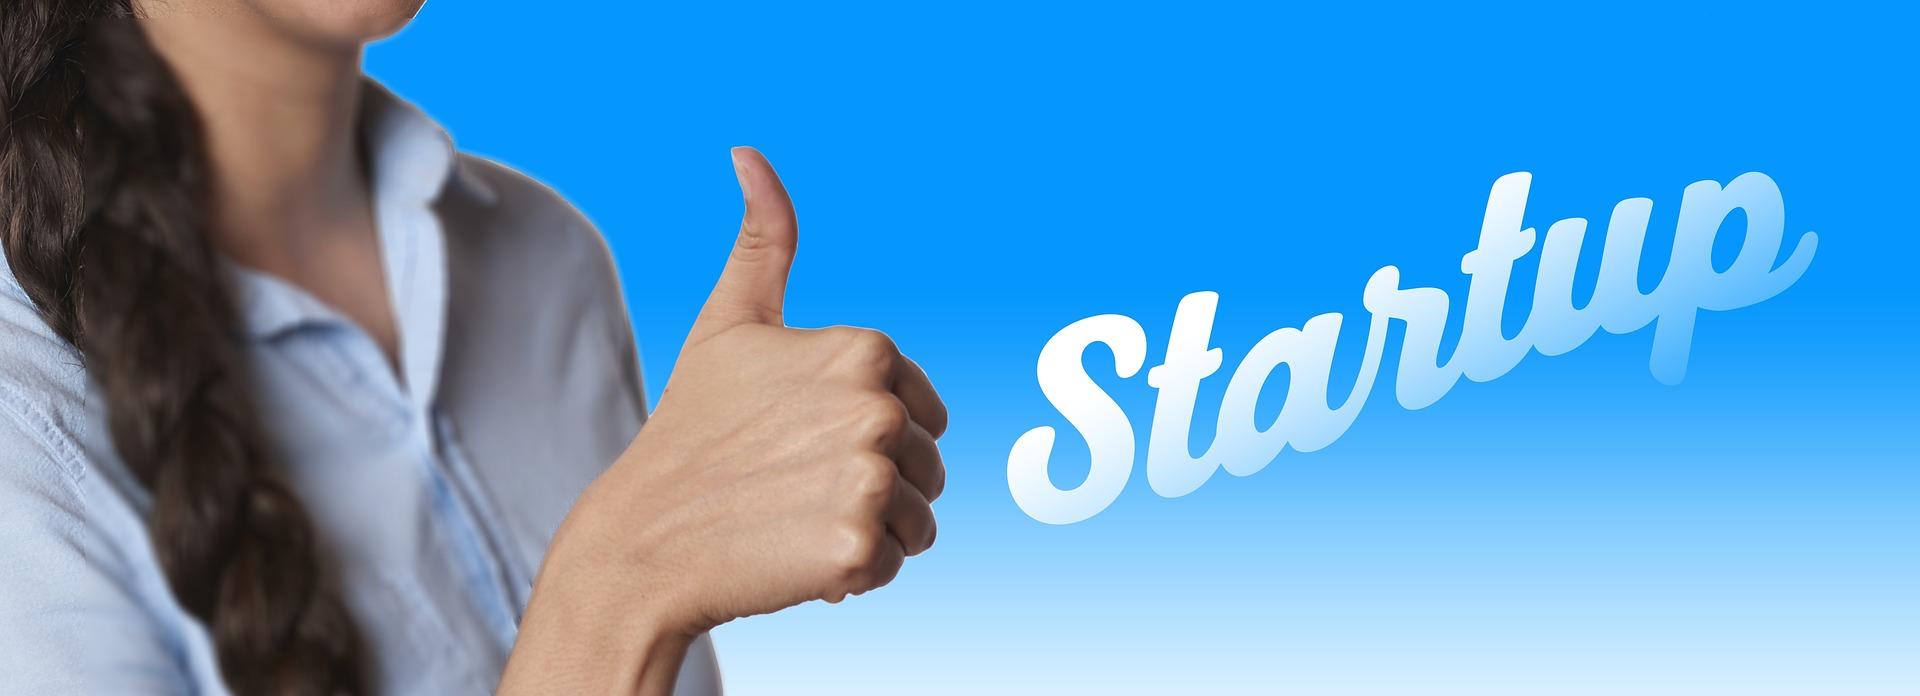 Symbolfoto Existenzgründung Startup